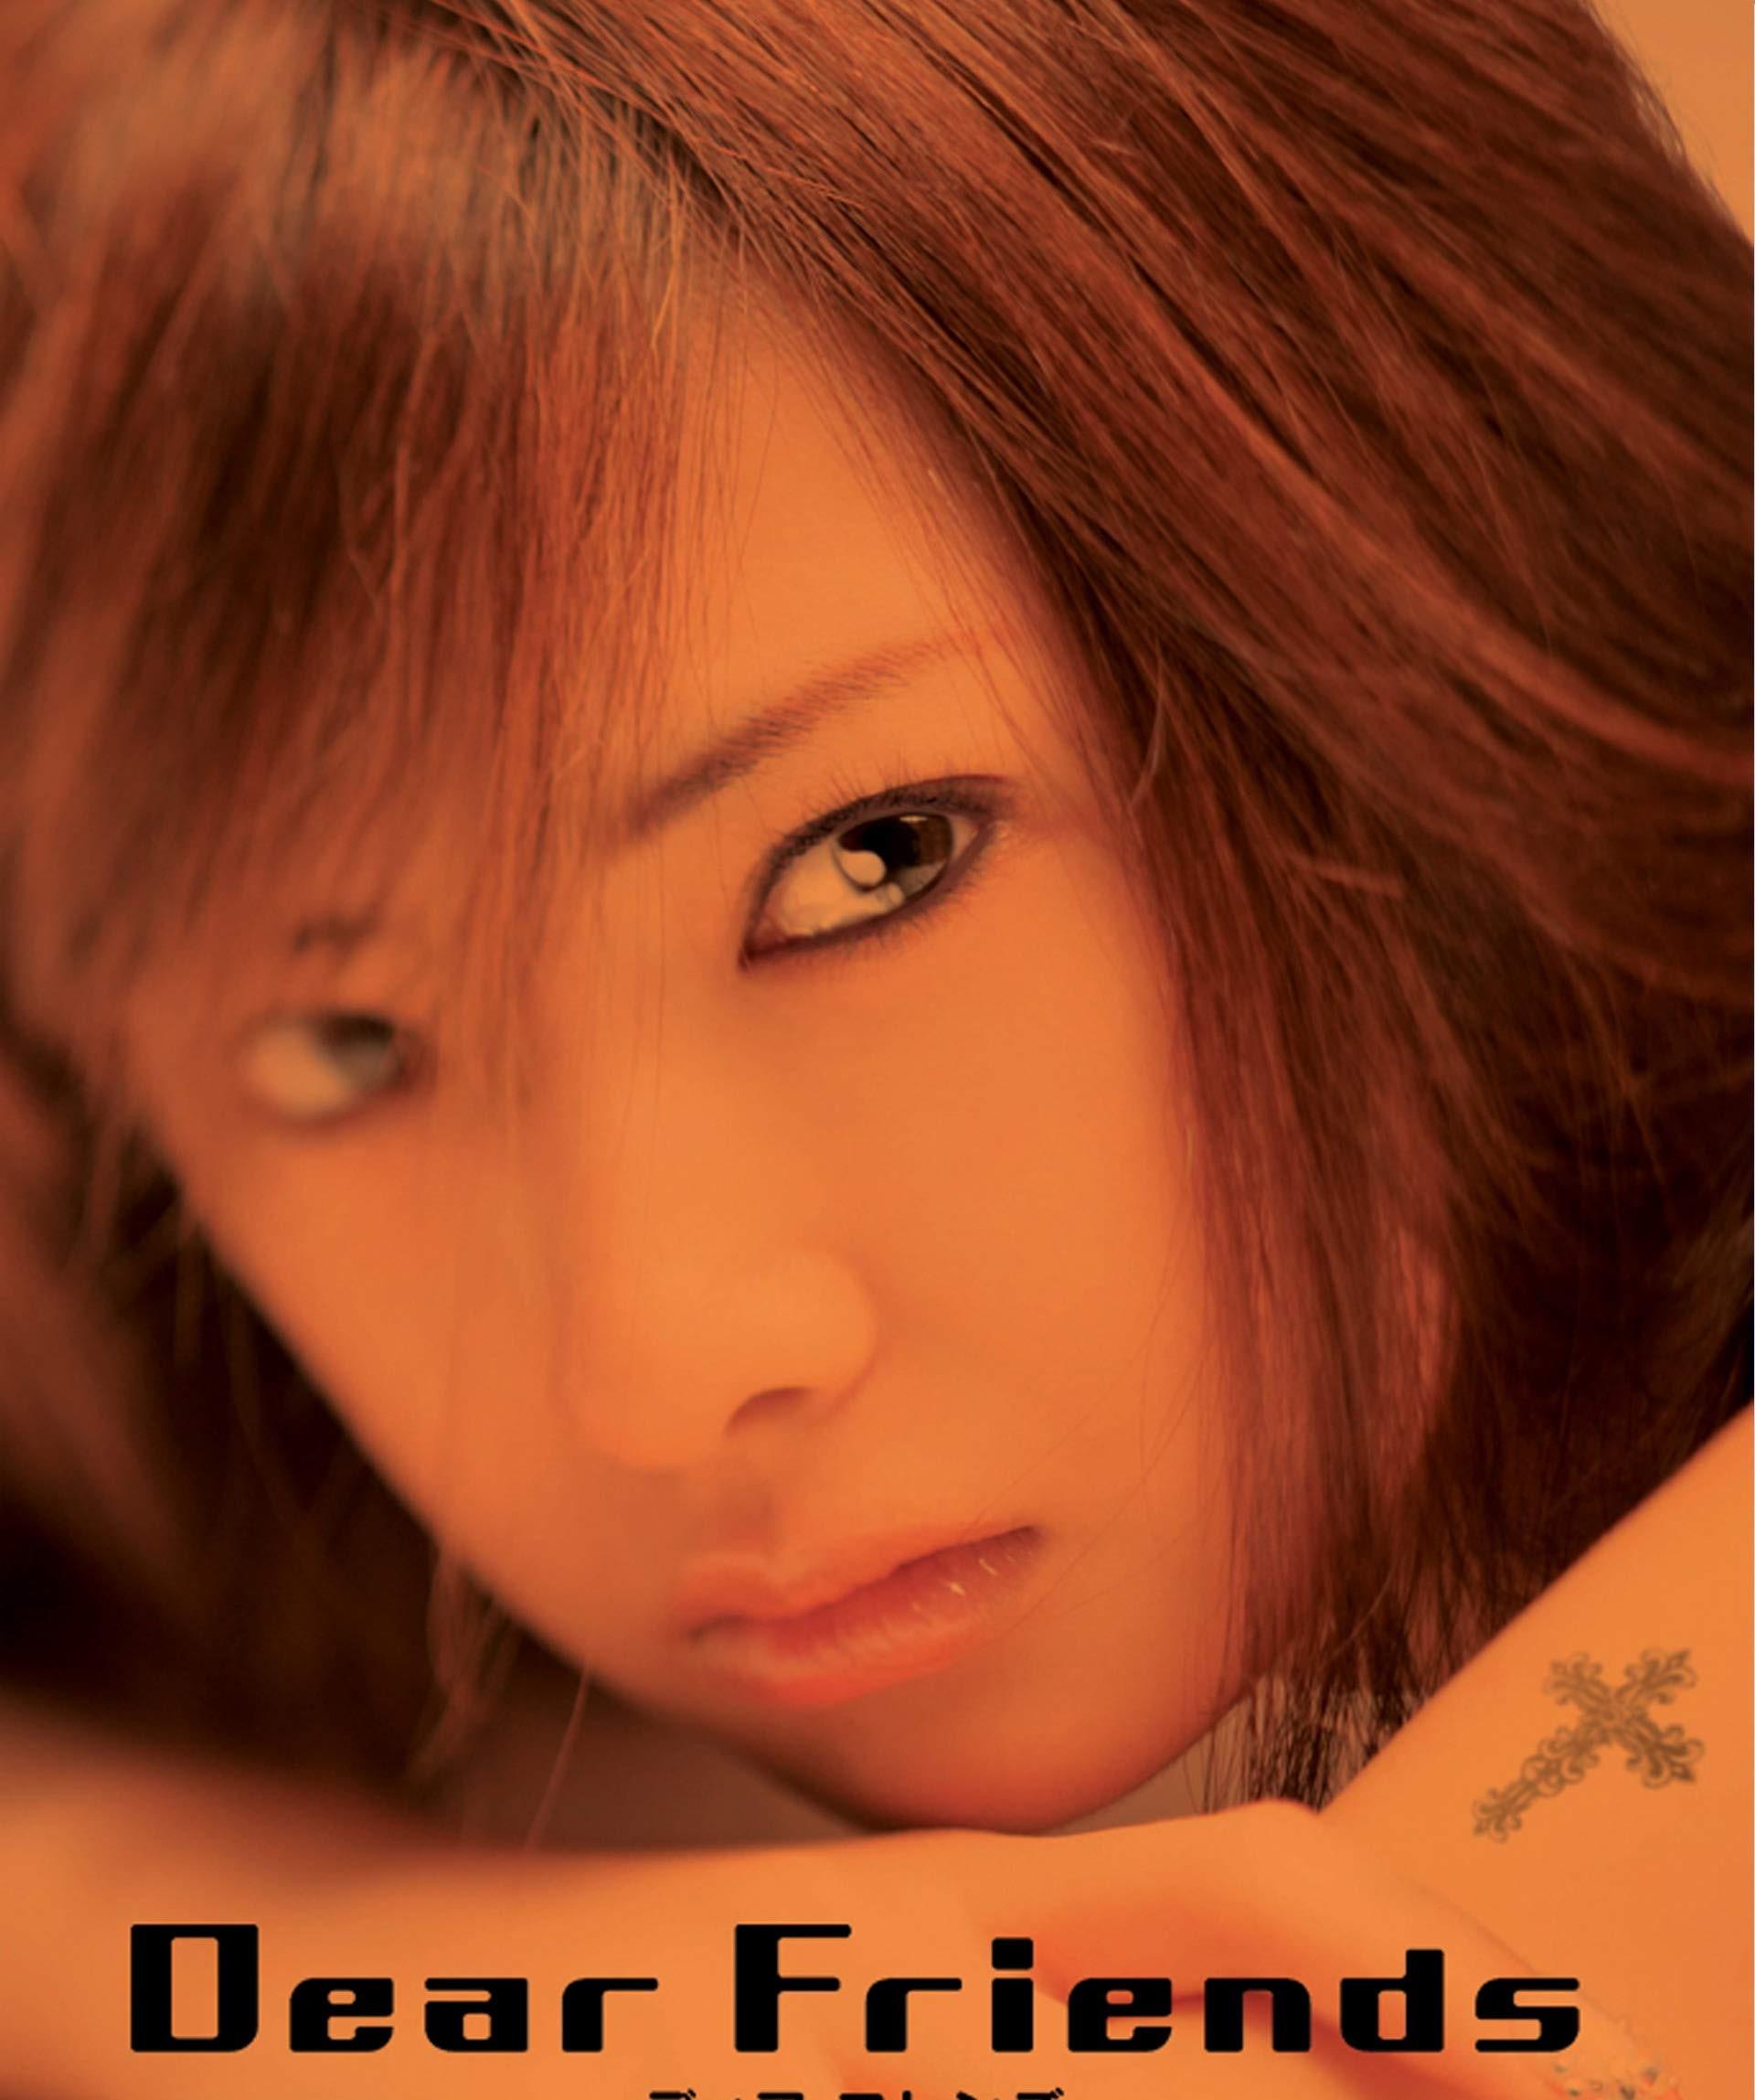 北川景子が妊娠!過去のドラマや映画を無料で観るにはこれ